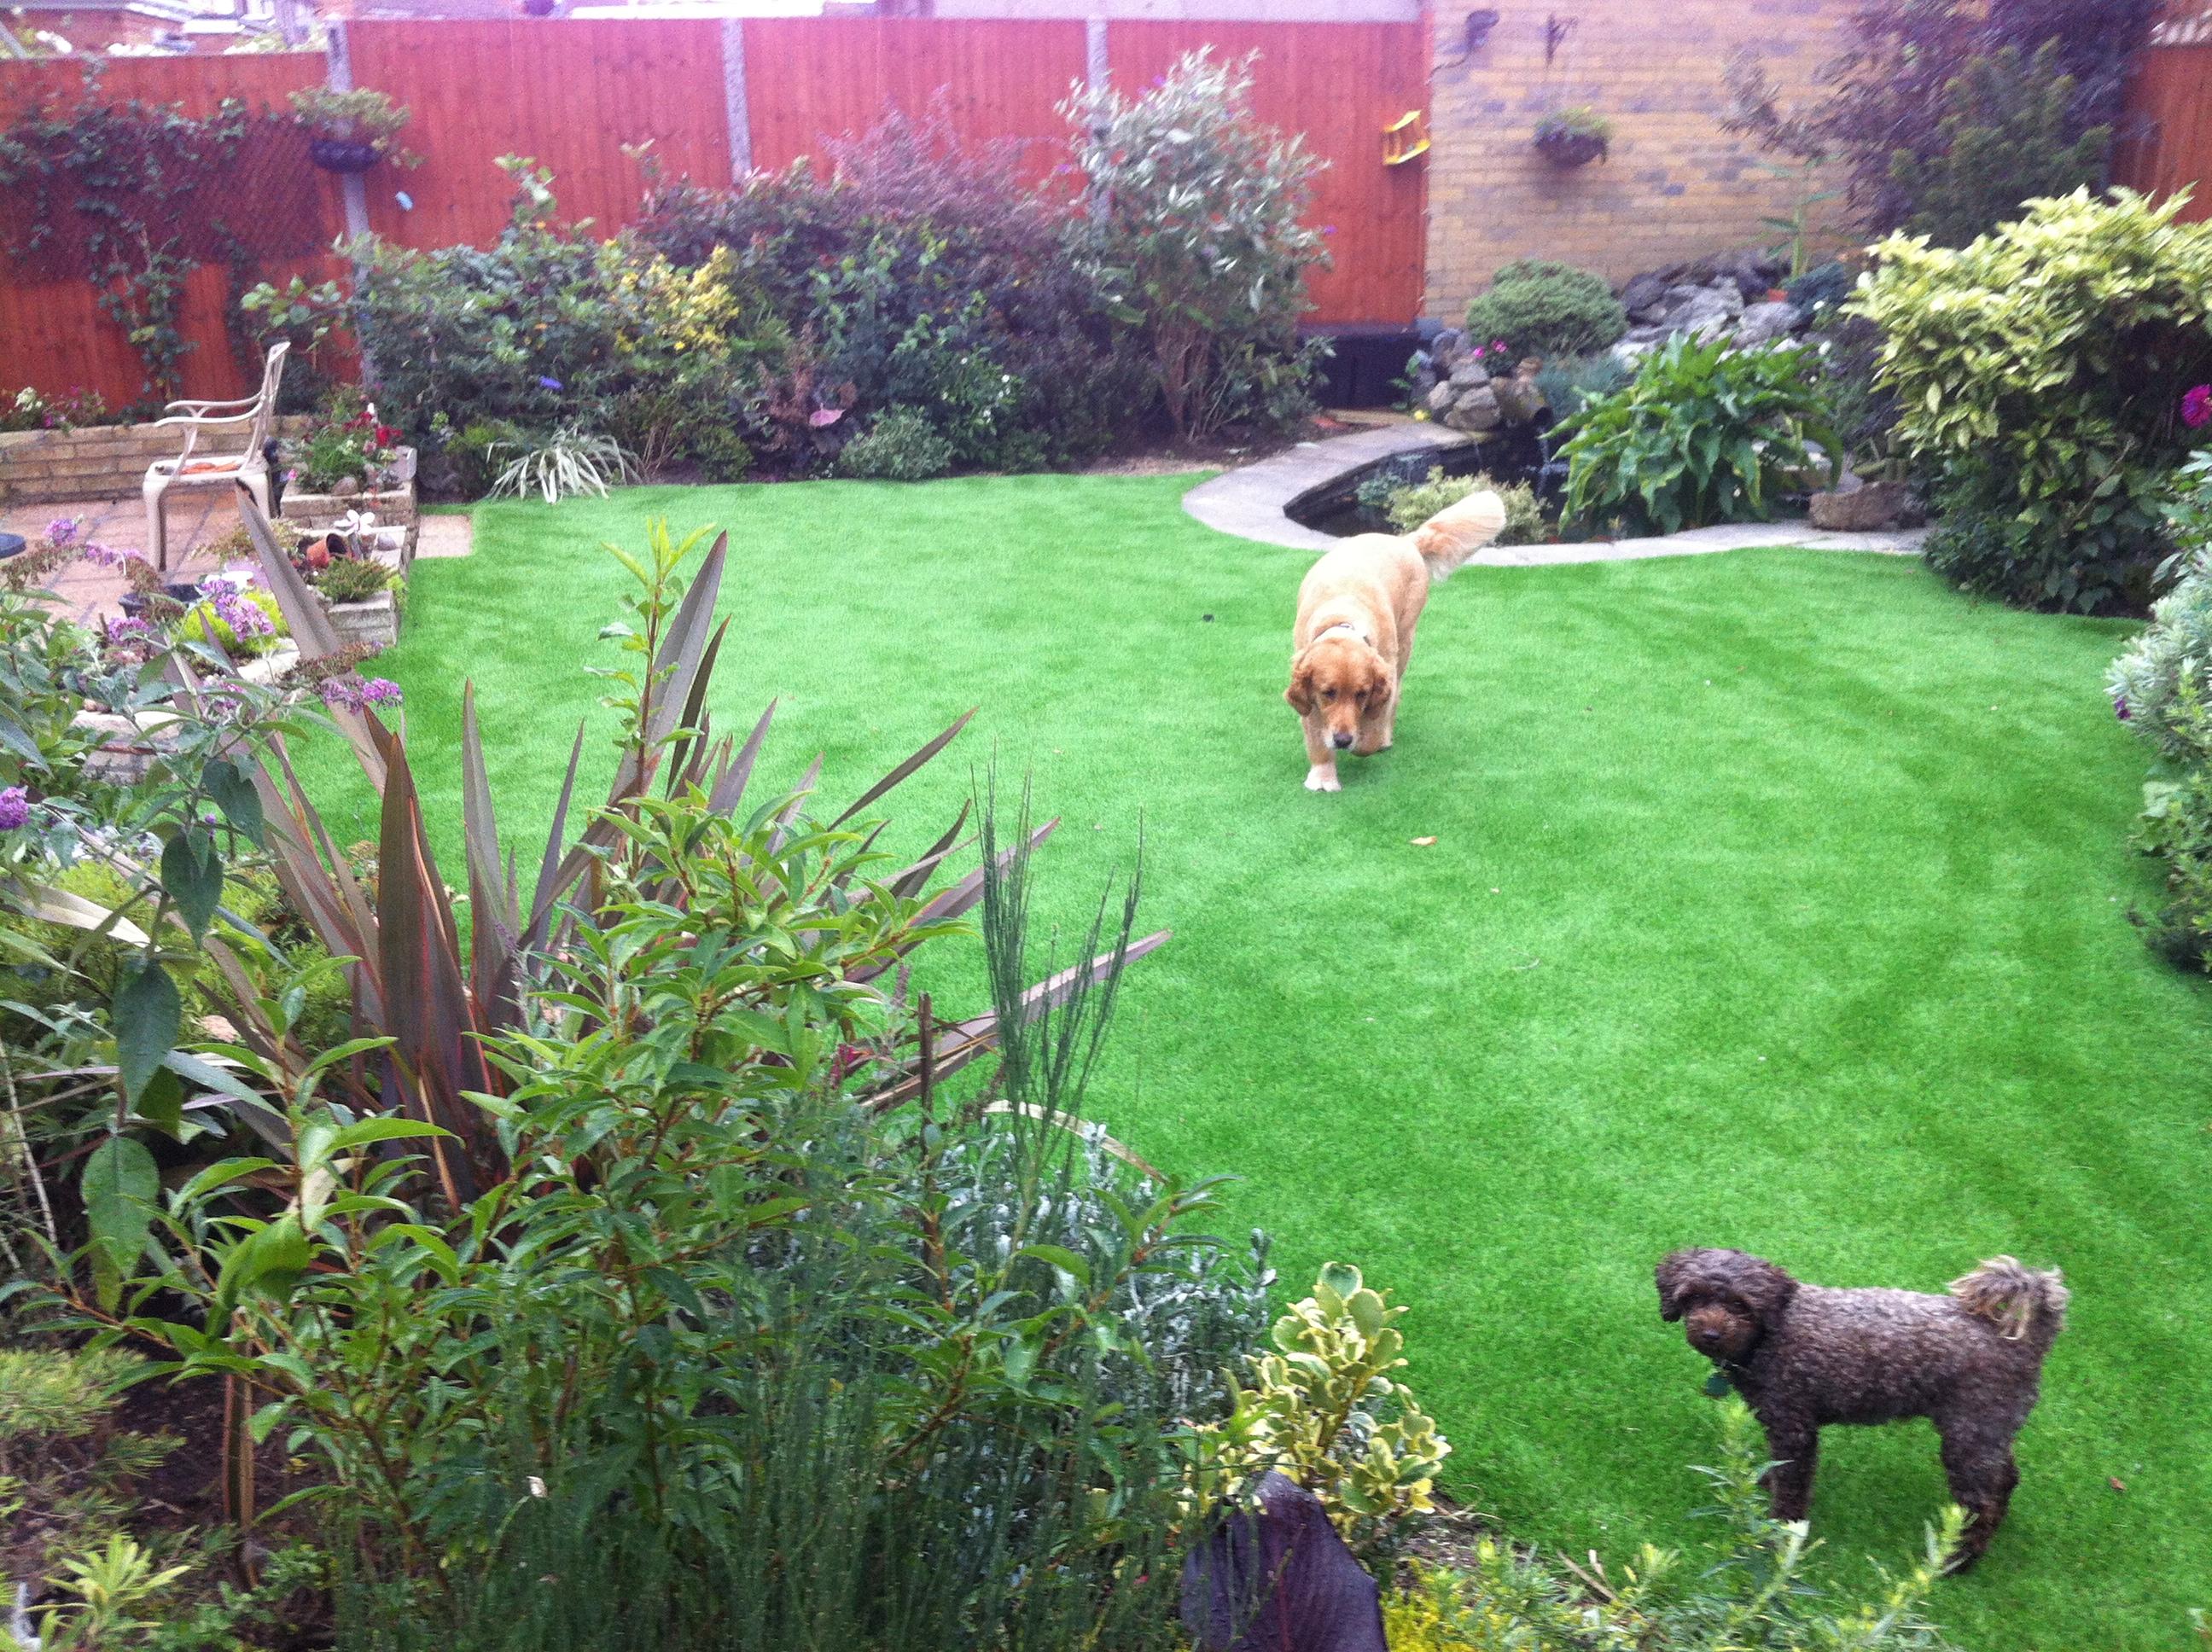 Artificial grass and Koi pond